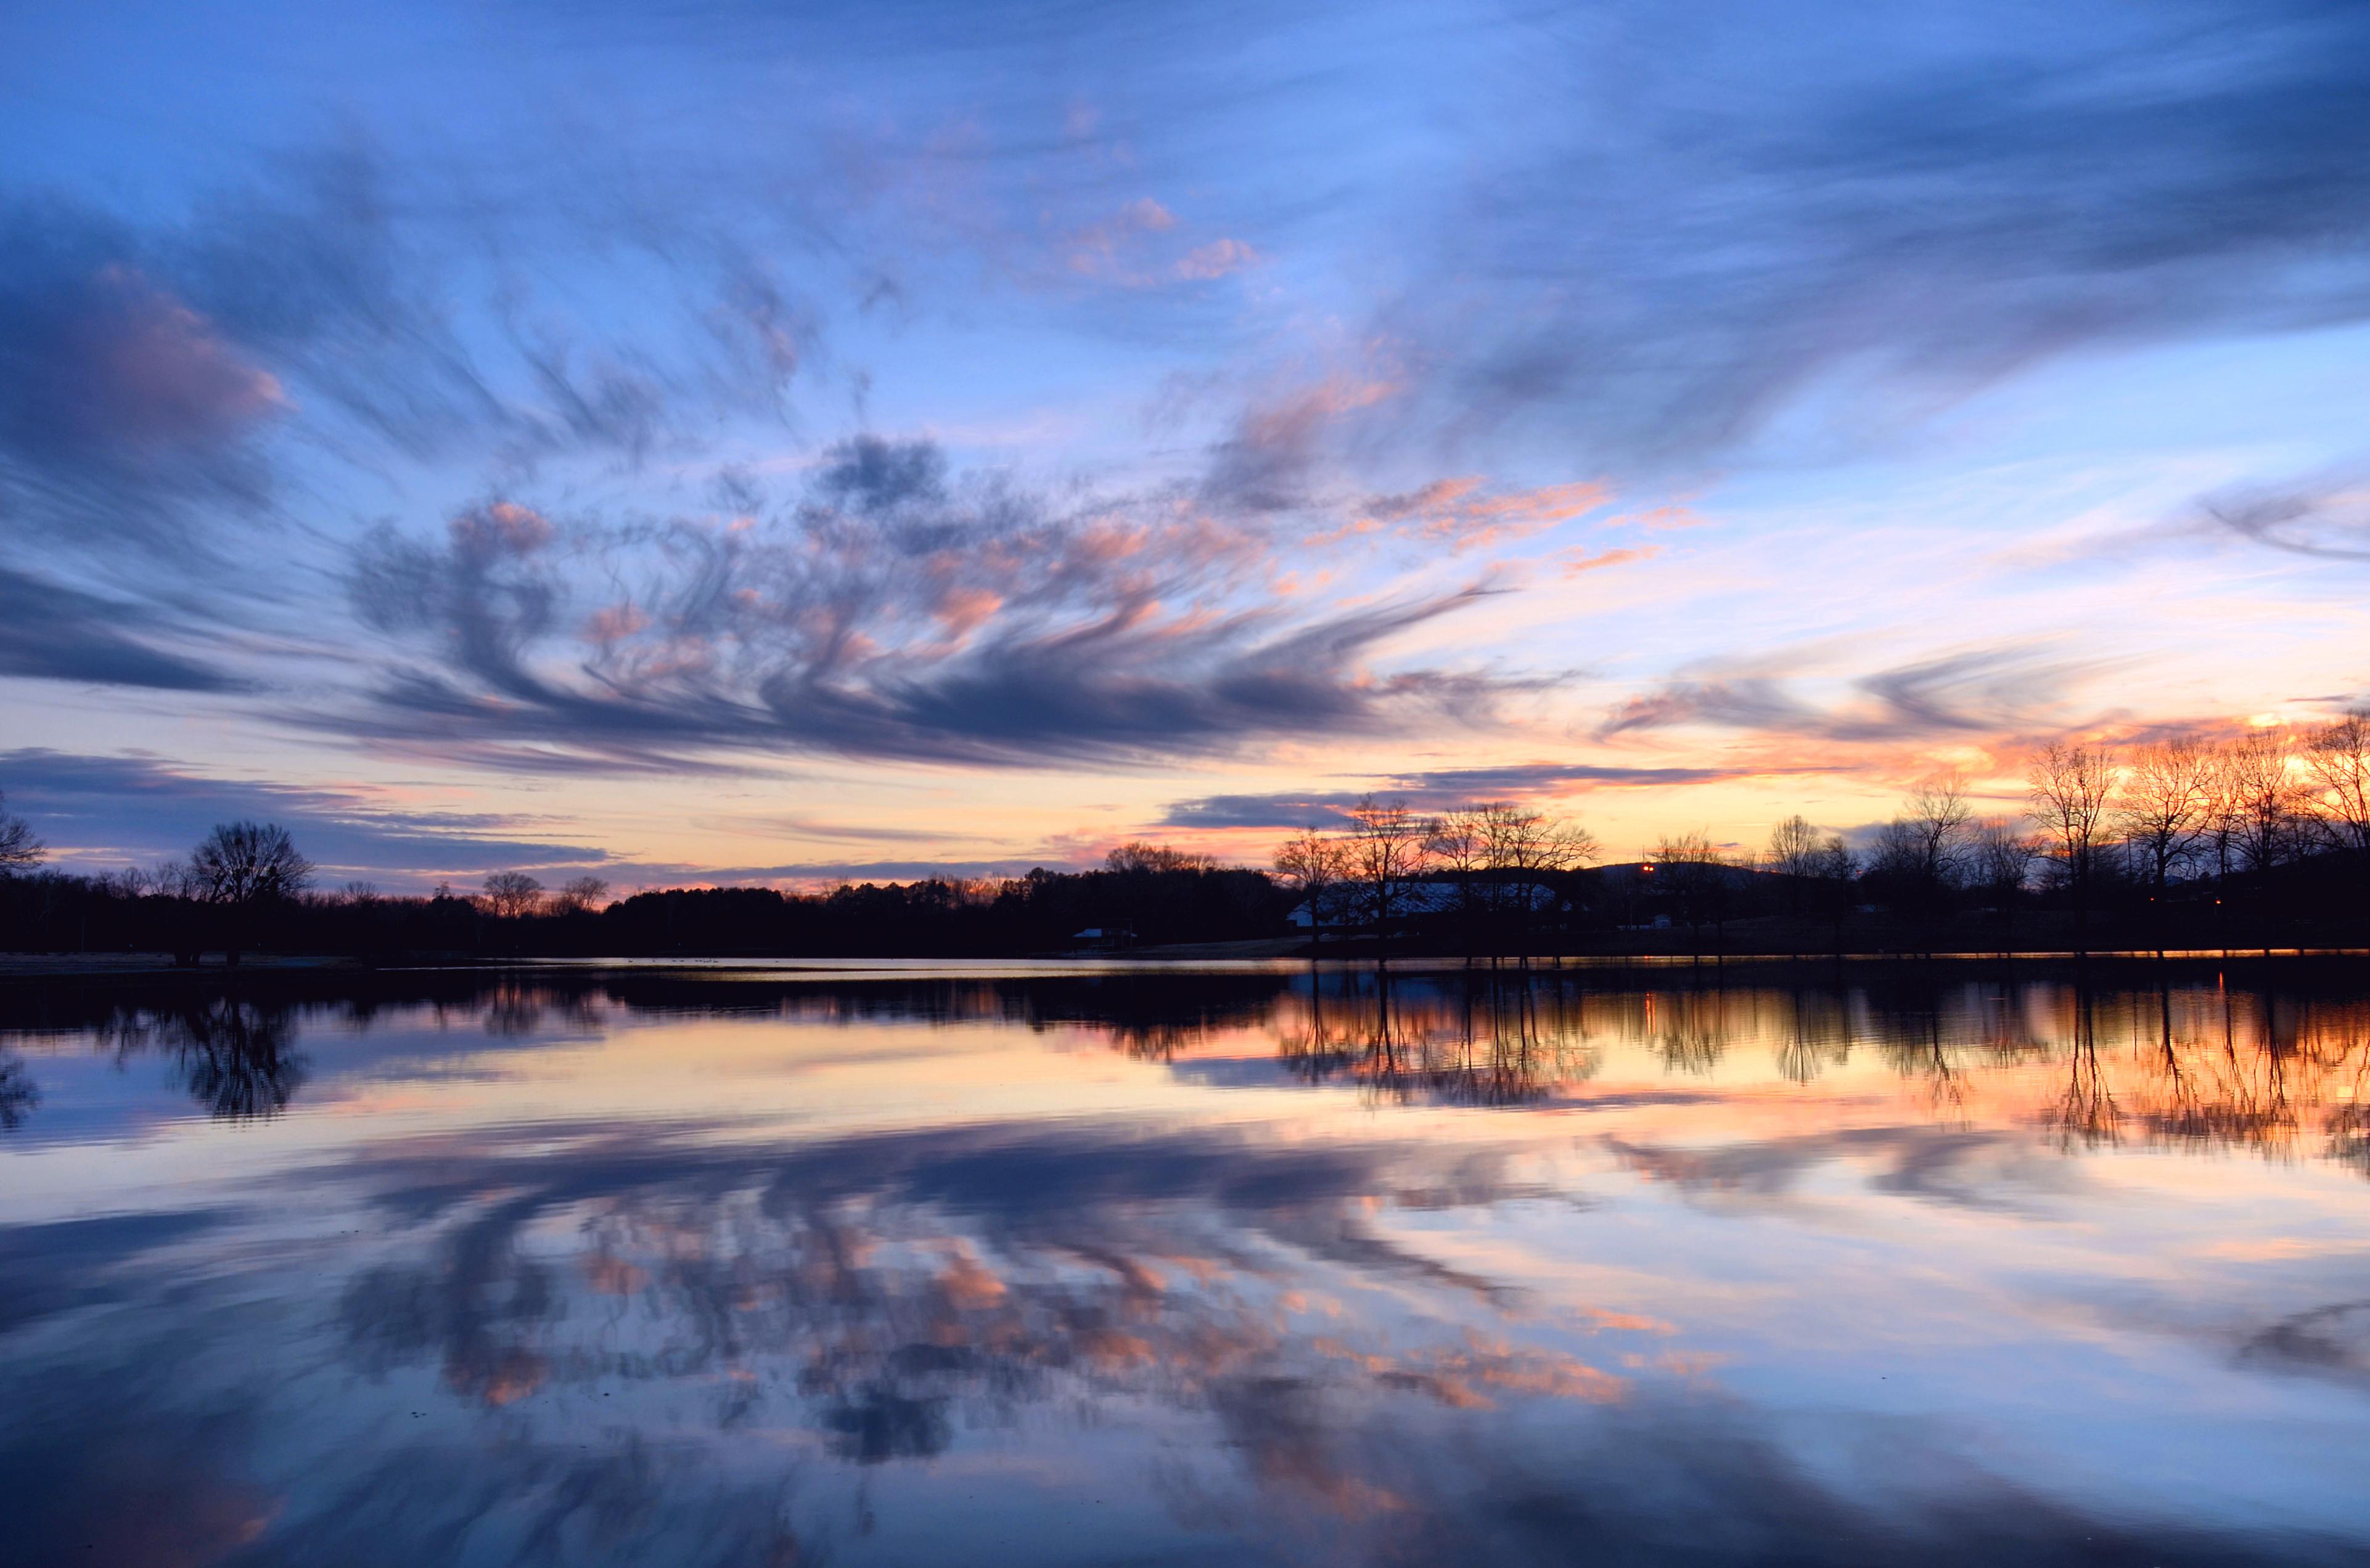 природа озеро деревья небо облака закат  № 1249486 бесплатно